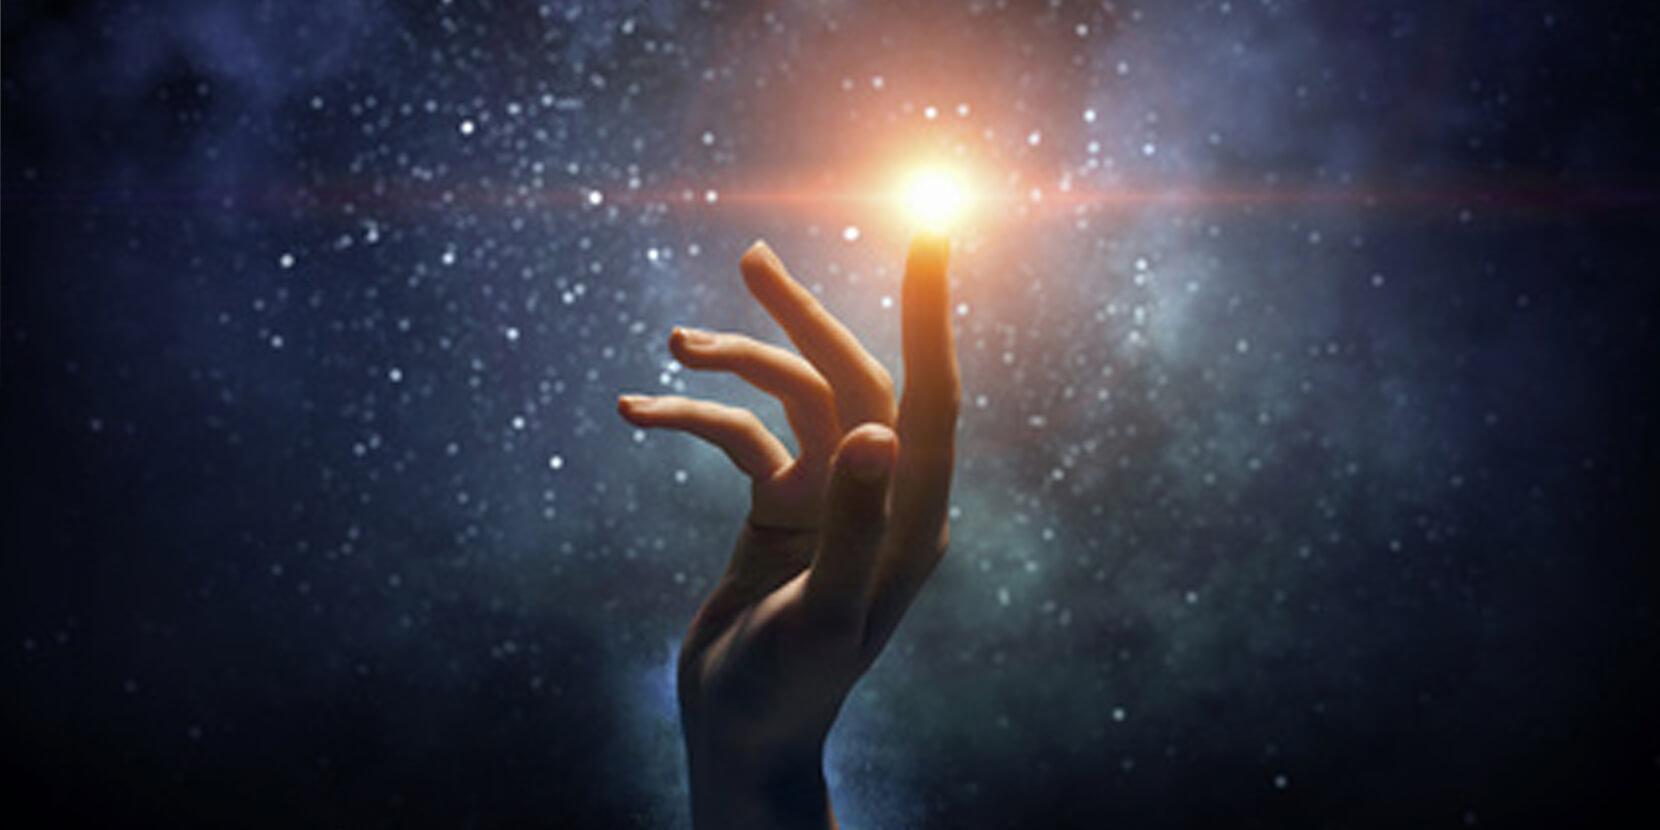 les chemins de vie 11 sont très conscientes et ont accès au savoir spirituel naturellement